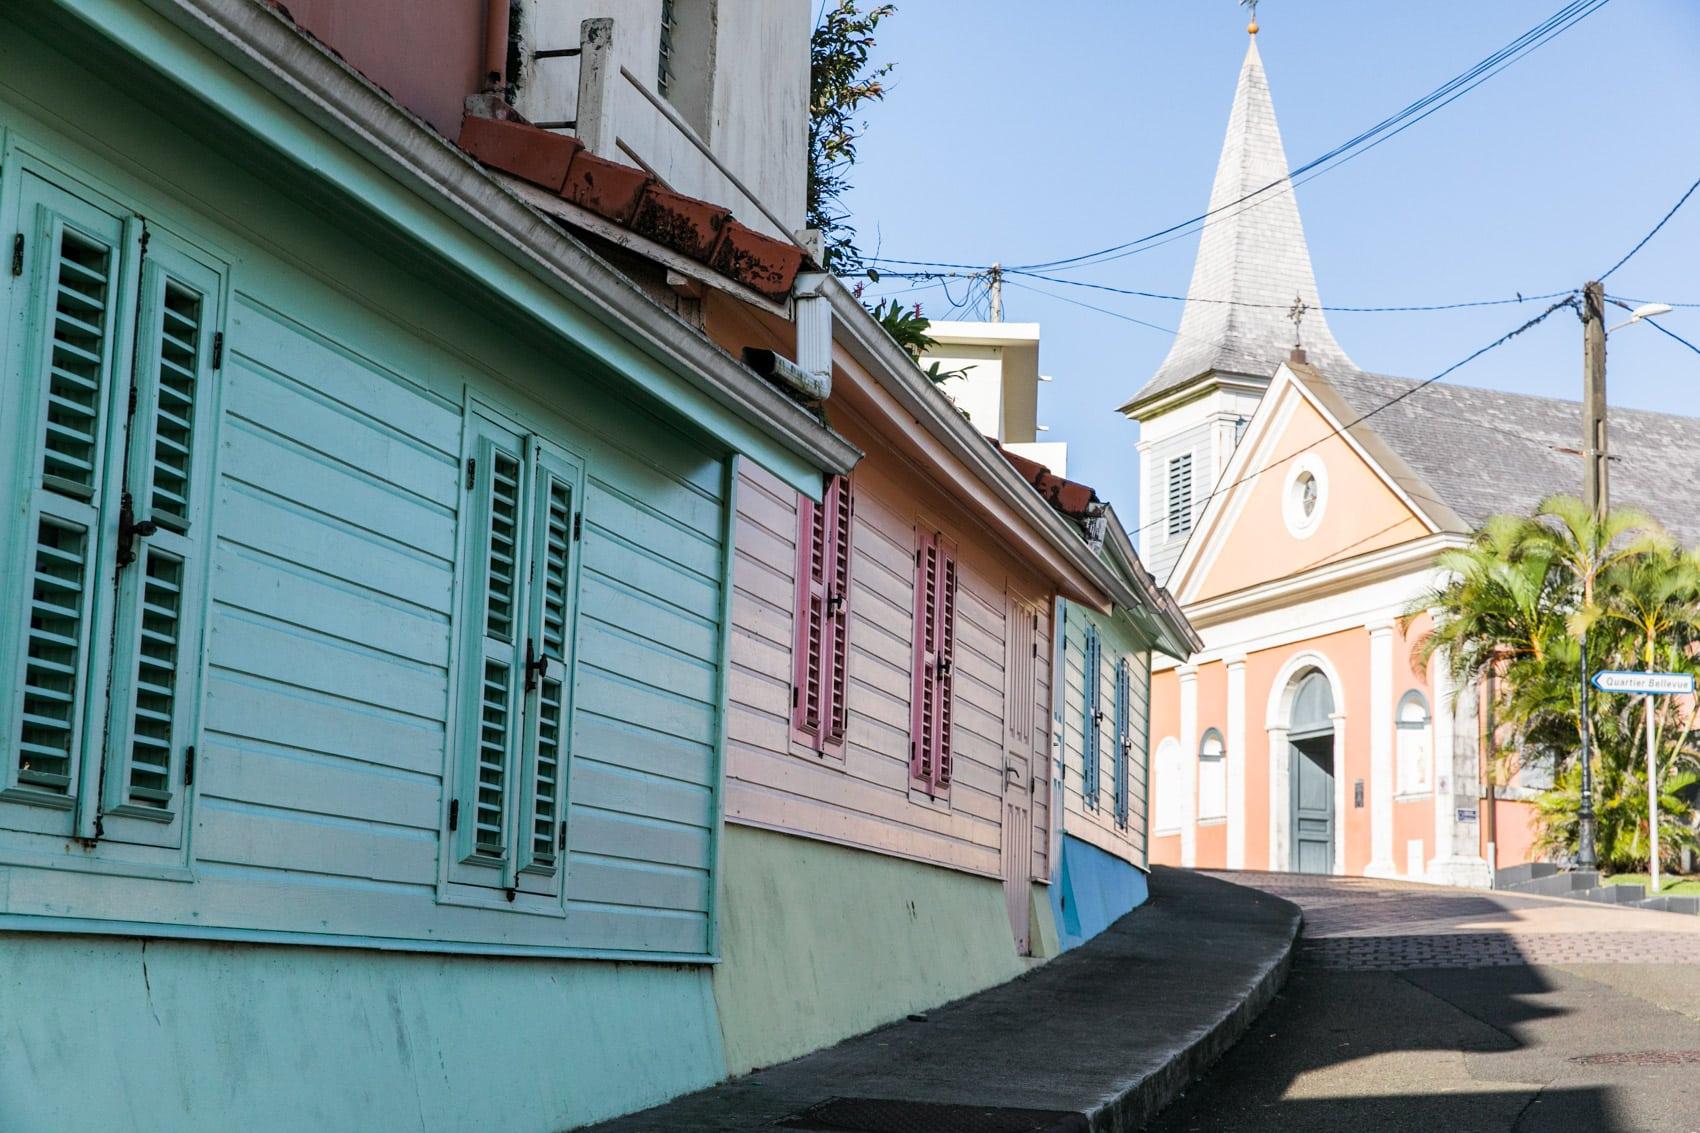 ID5A2043 - Voyage en Martinique : Itinéraire et conseils